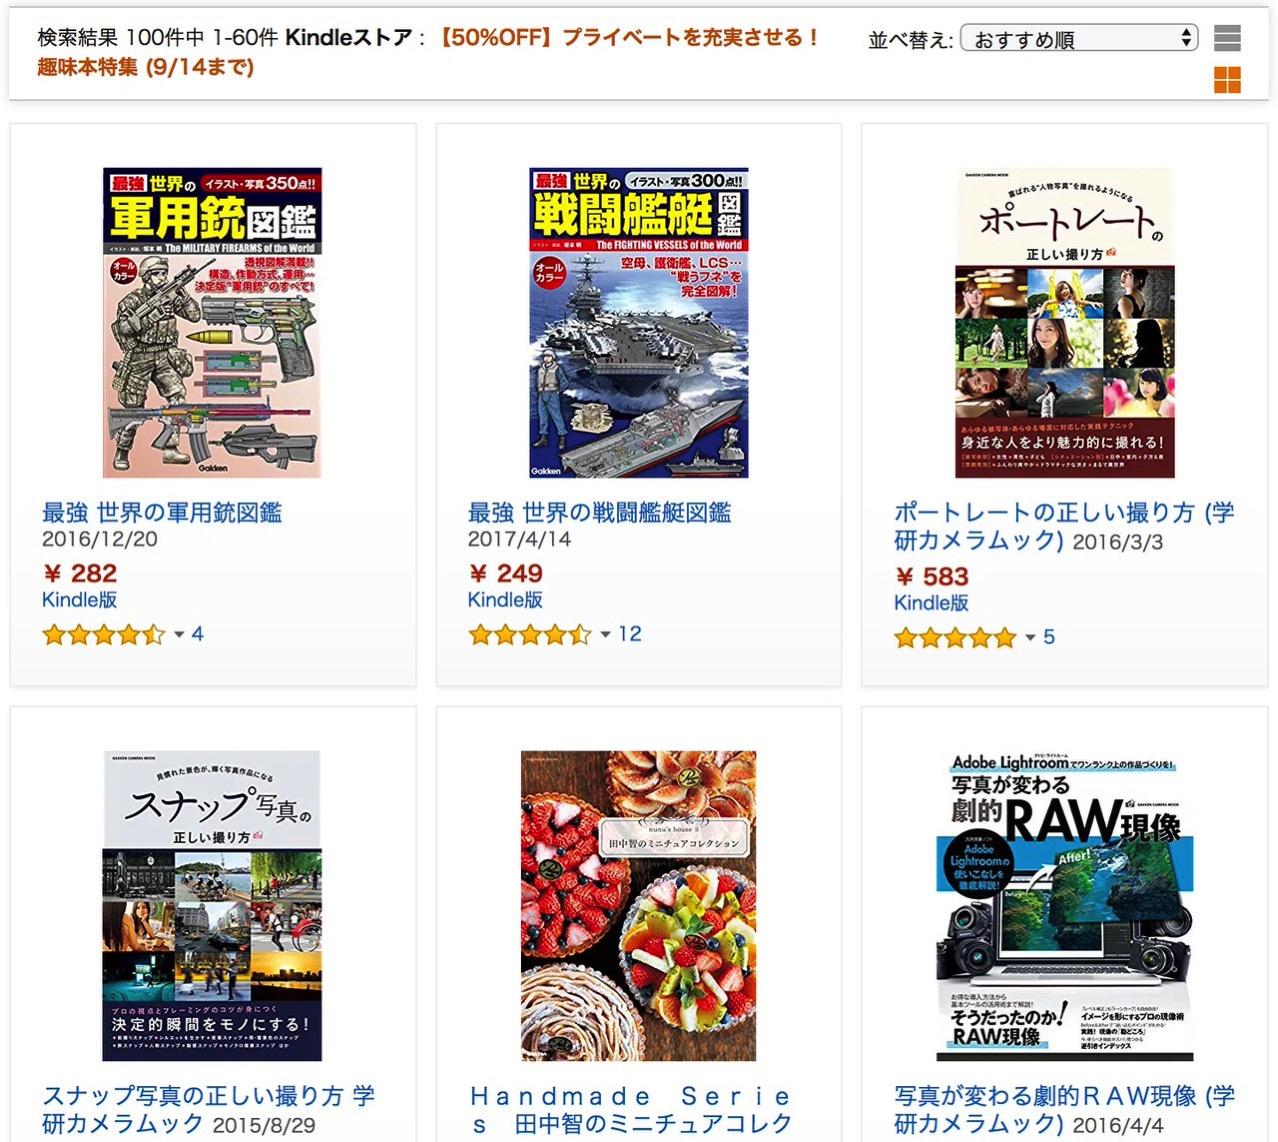 【Kindleセール】50%OFF「プライベートを充実させる!趣味本特集」(〜9/14)趣味本とはいったい‥‥